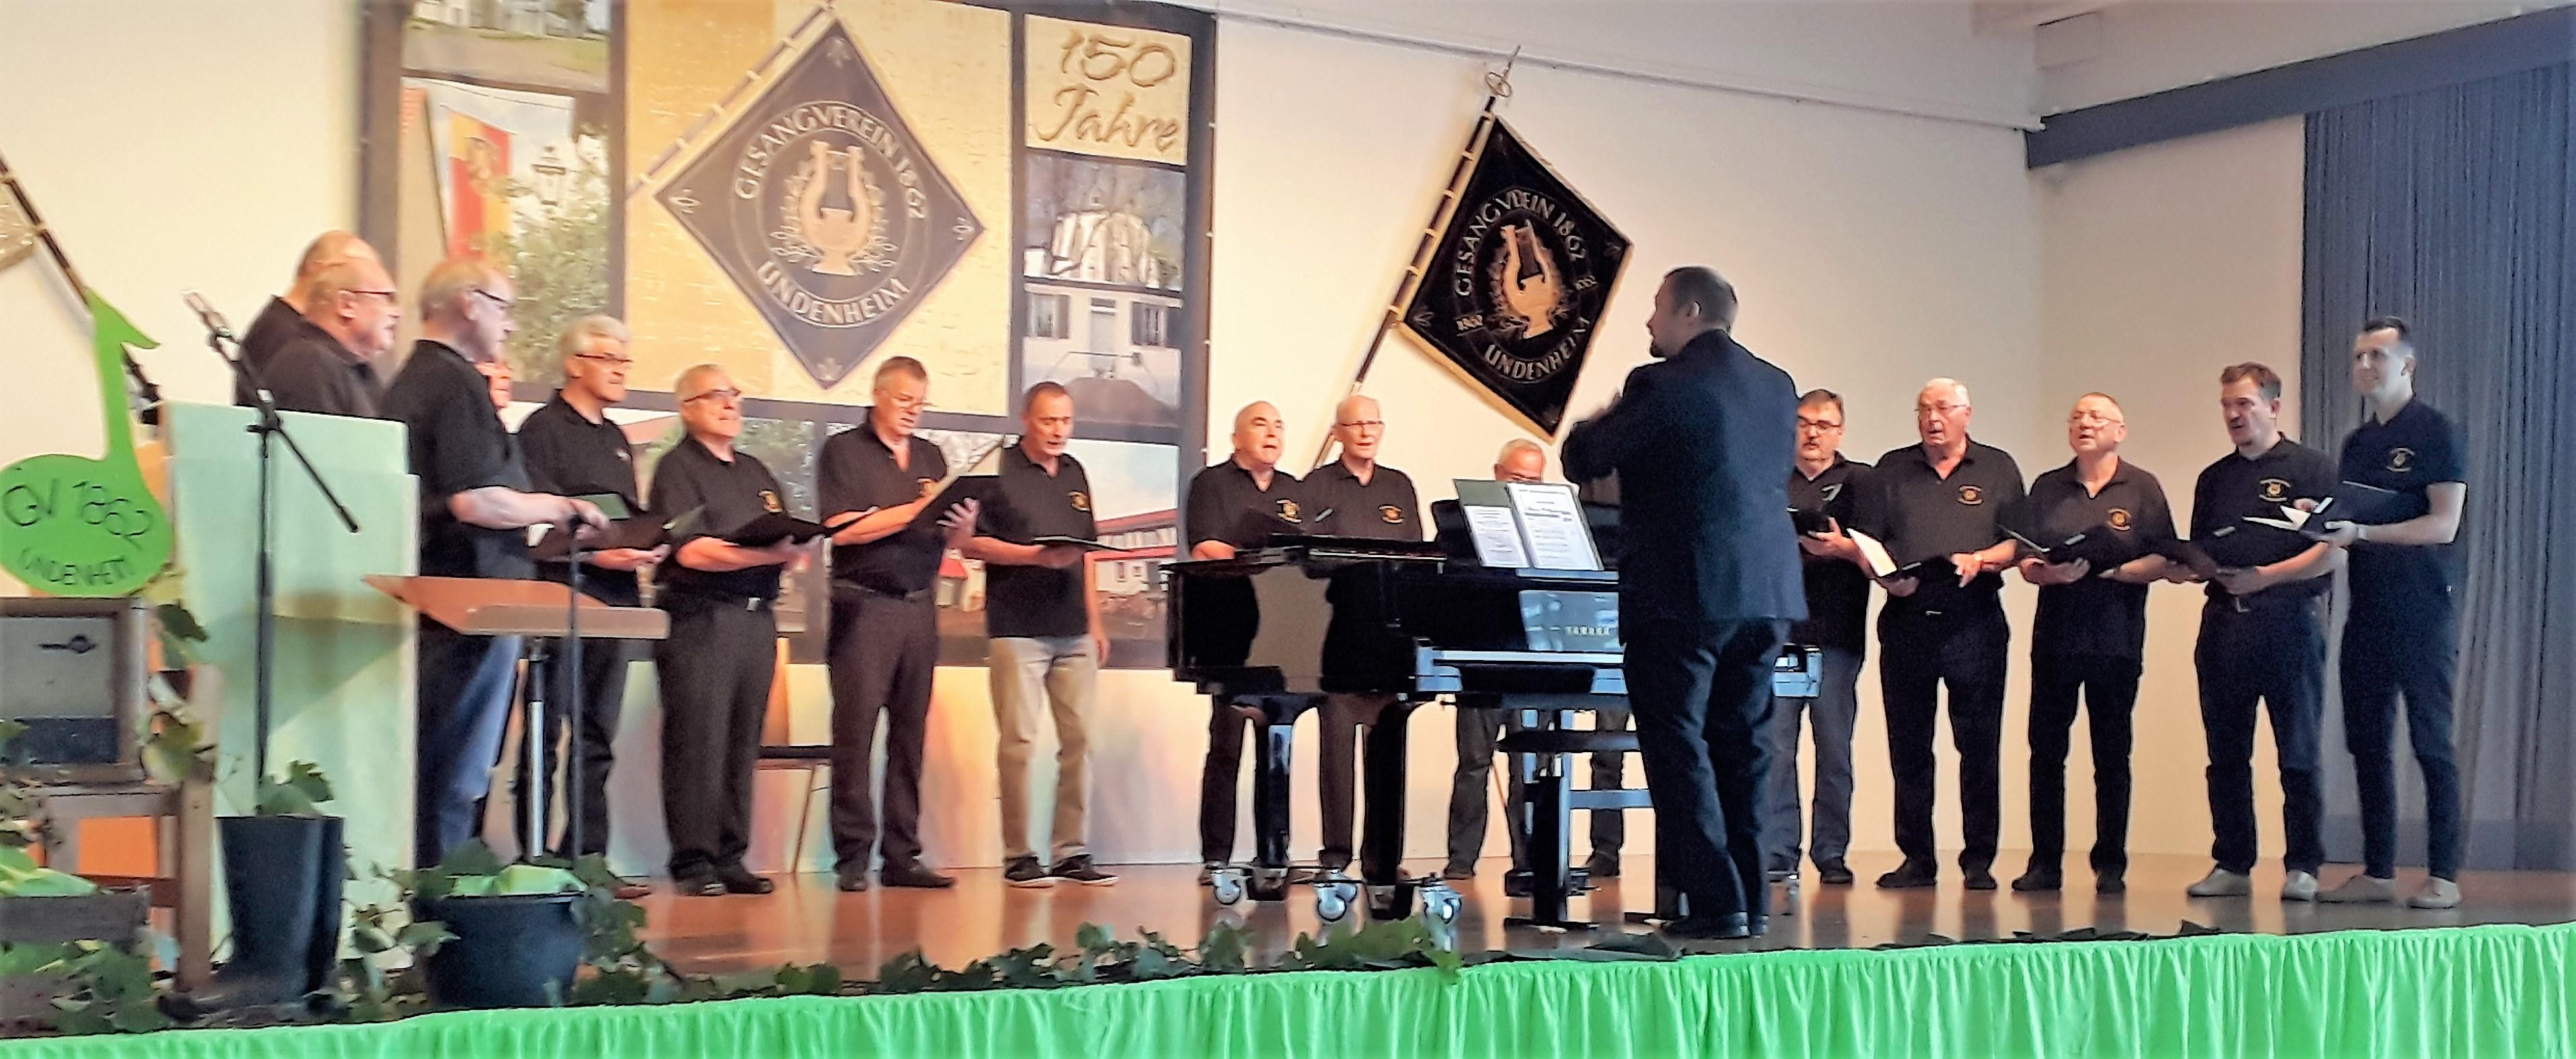 Der Männerchor beim Auftritt in Undenheim